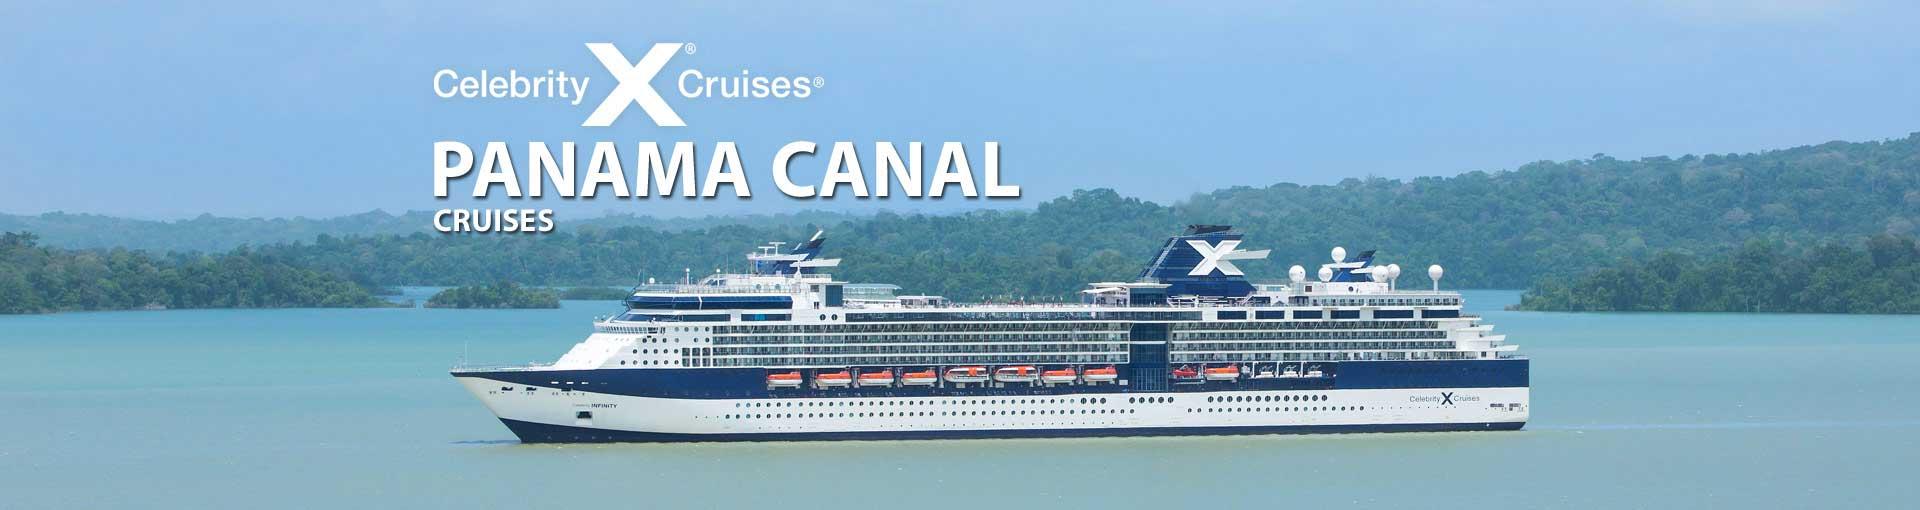 Celebrity Cruises Panama Canal Cruises